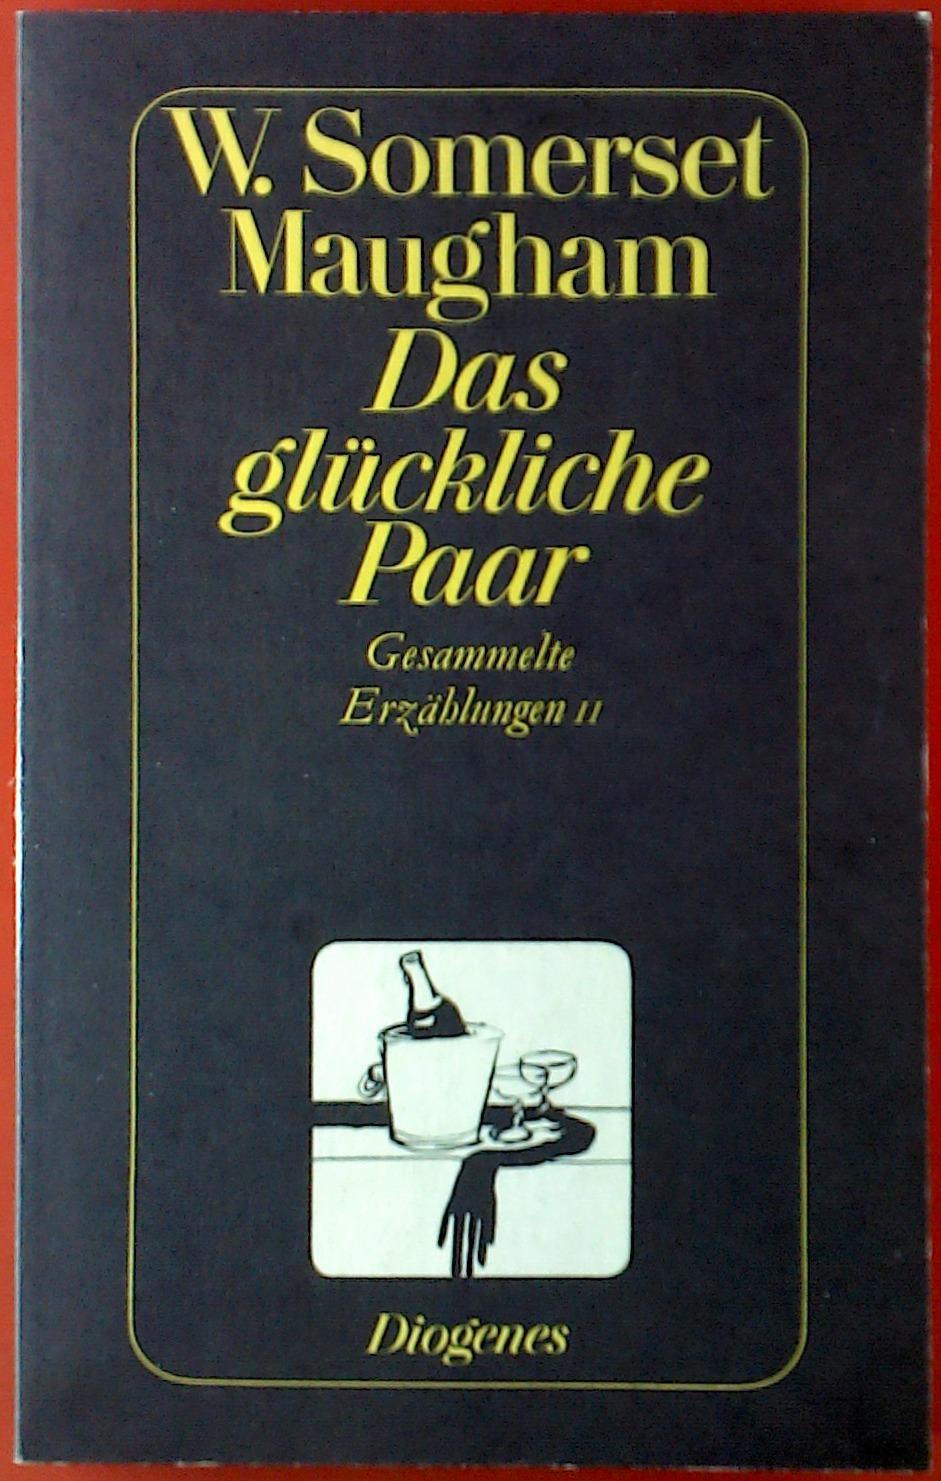 Das glückliche Paar. Gesammelte Erzählungen II.: W. Somerset Maugham